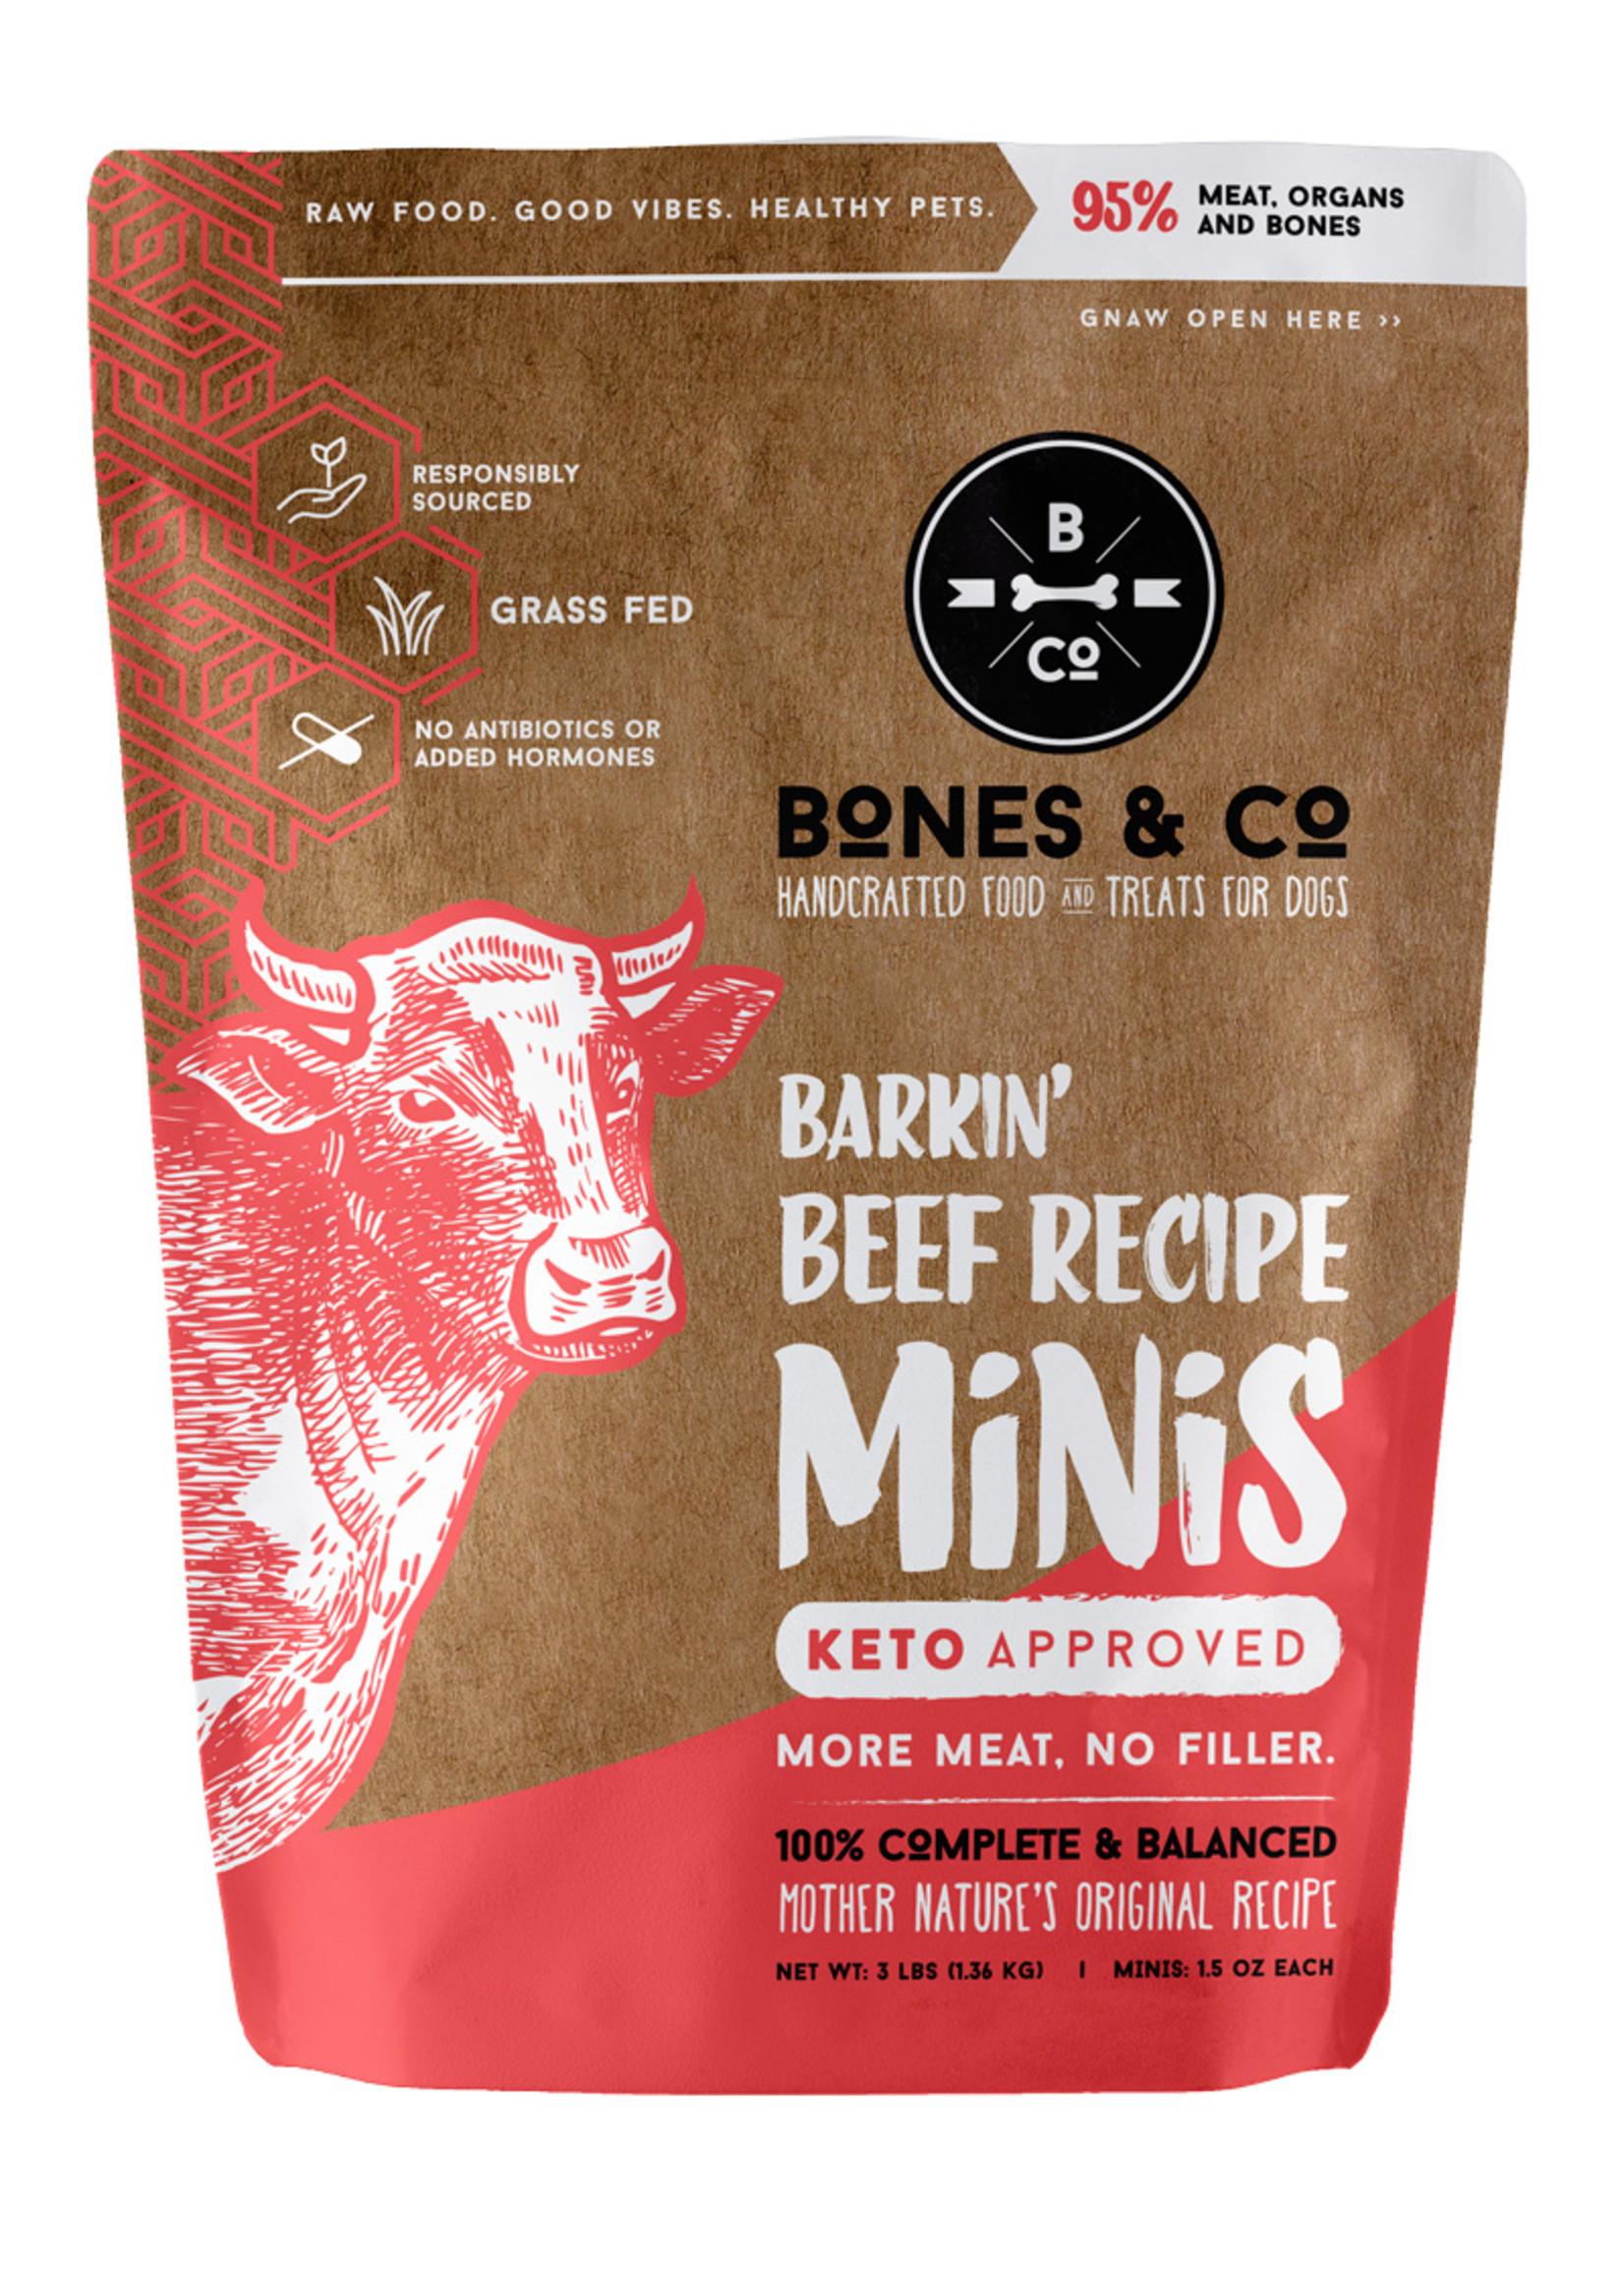 BONES & CO Bones & Co Barkin' Beef Recipe